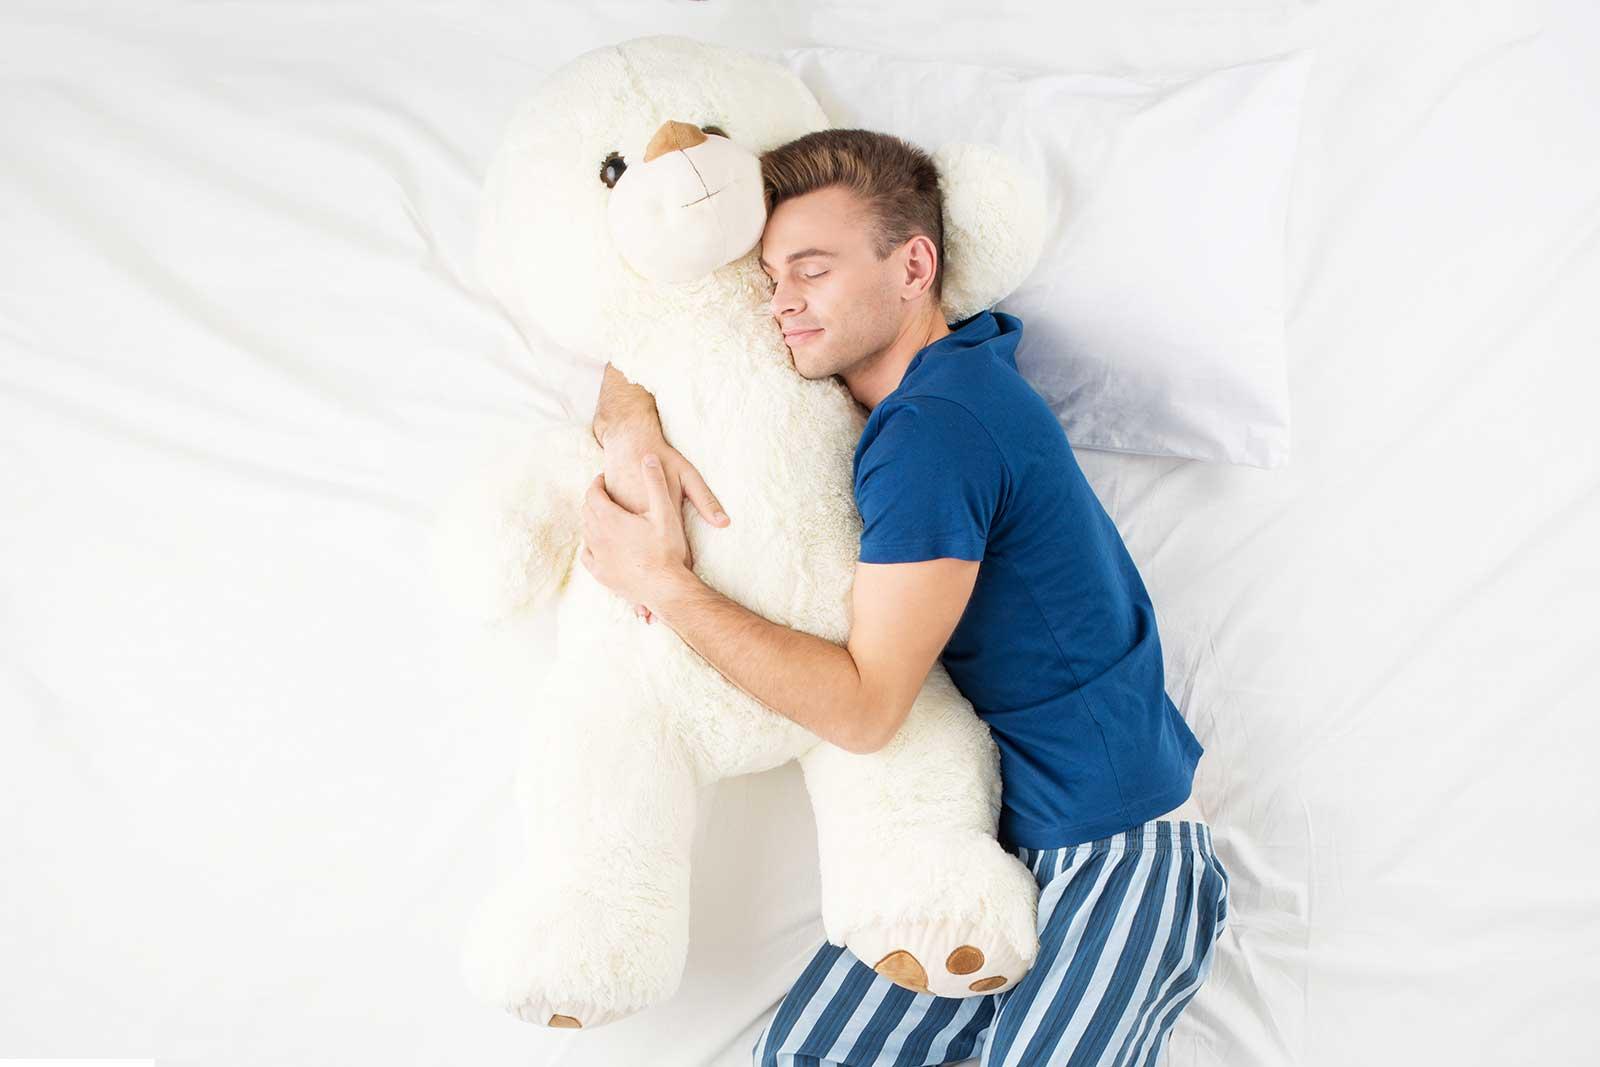 Materassi Per Dormire Memory.5 Buone Ragioni Per Dormire Su Un Materasso Memory Materassi Morfeus